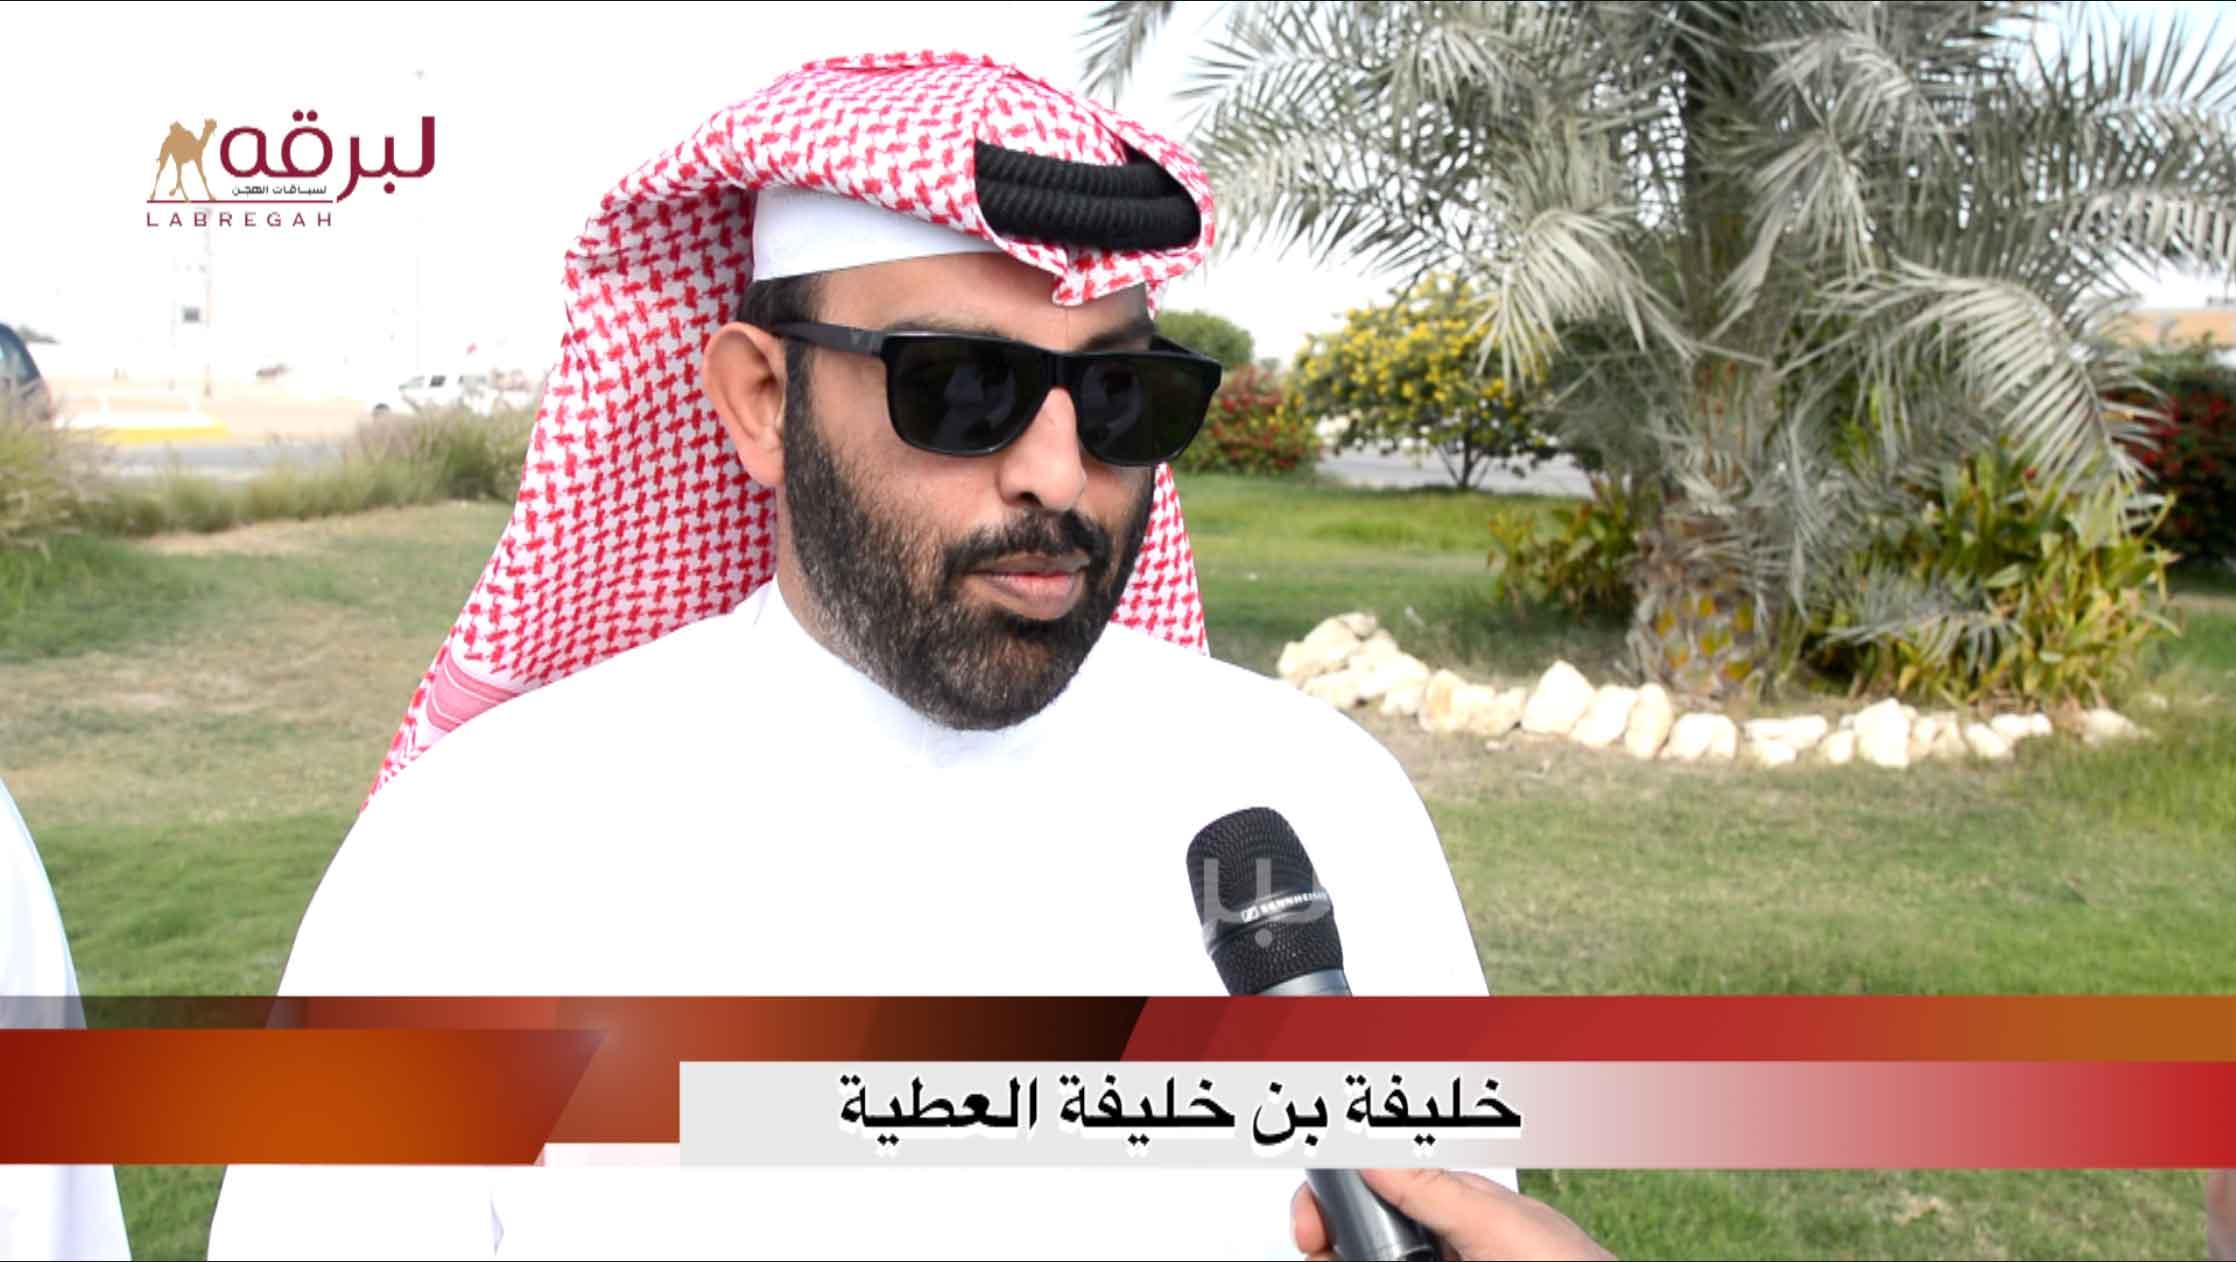 لقاء مع خليفة بن خليفة العطية.. الشوط الرئيسي للثنايا بكار « مفتوح » الأشواط العامة  ١-١-٢٠٢١